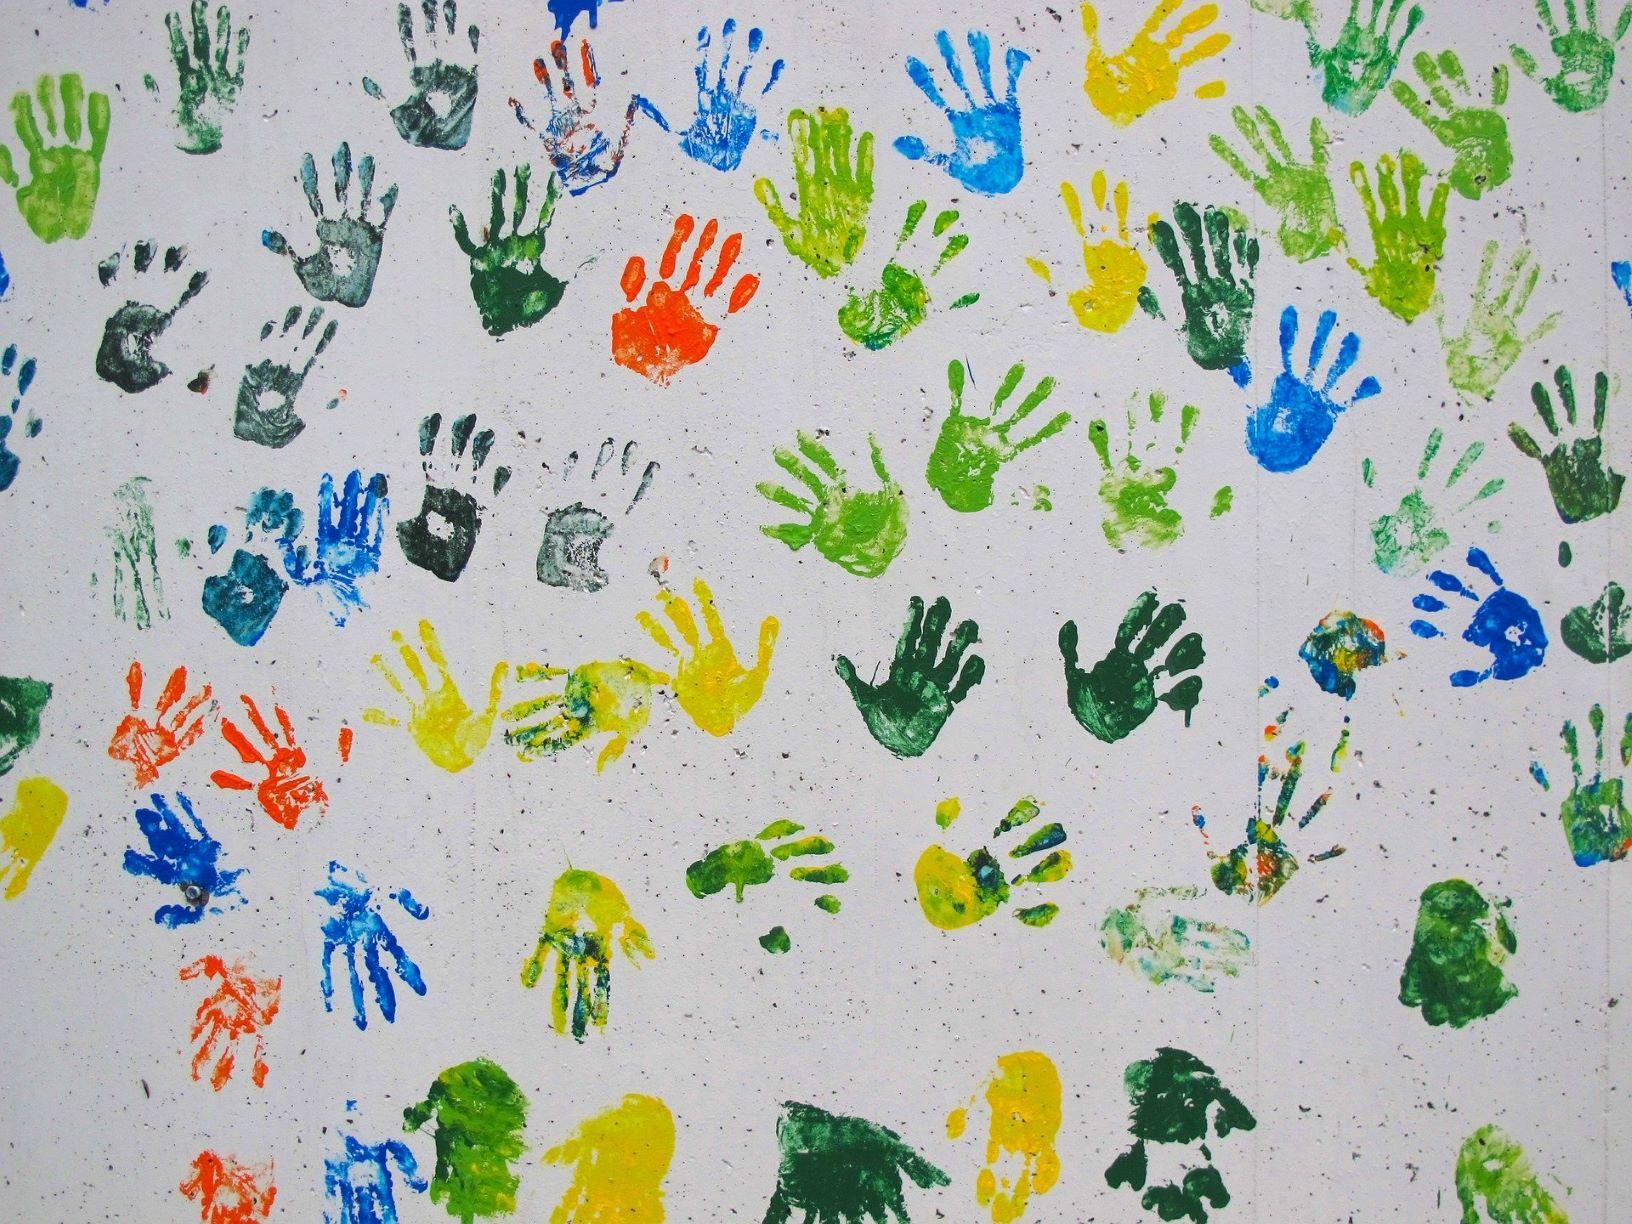 Wand mit bunten Handabdrücken